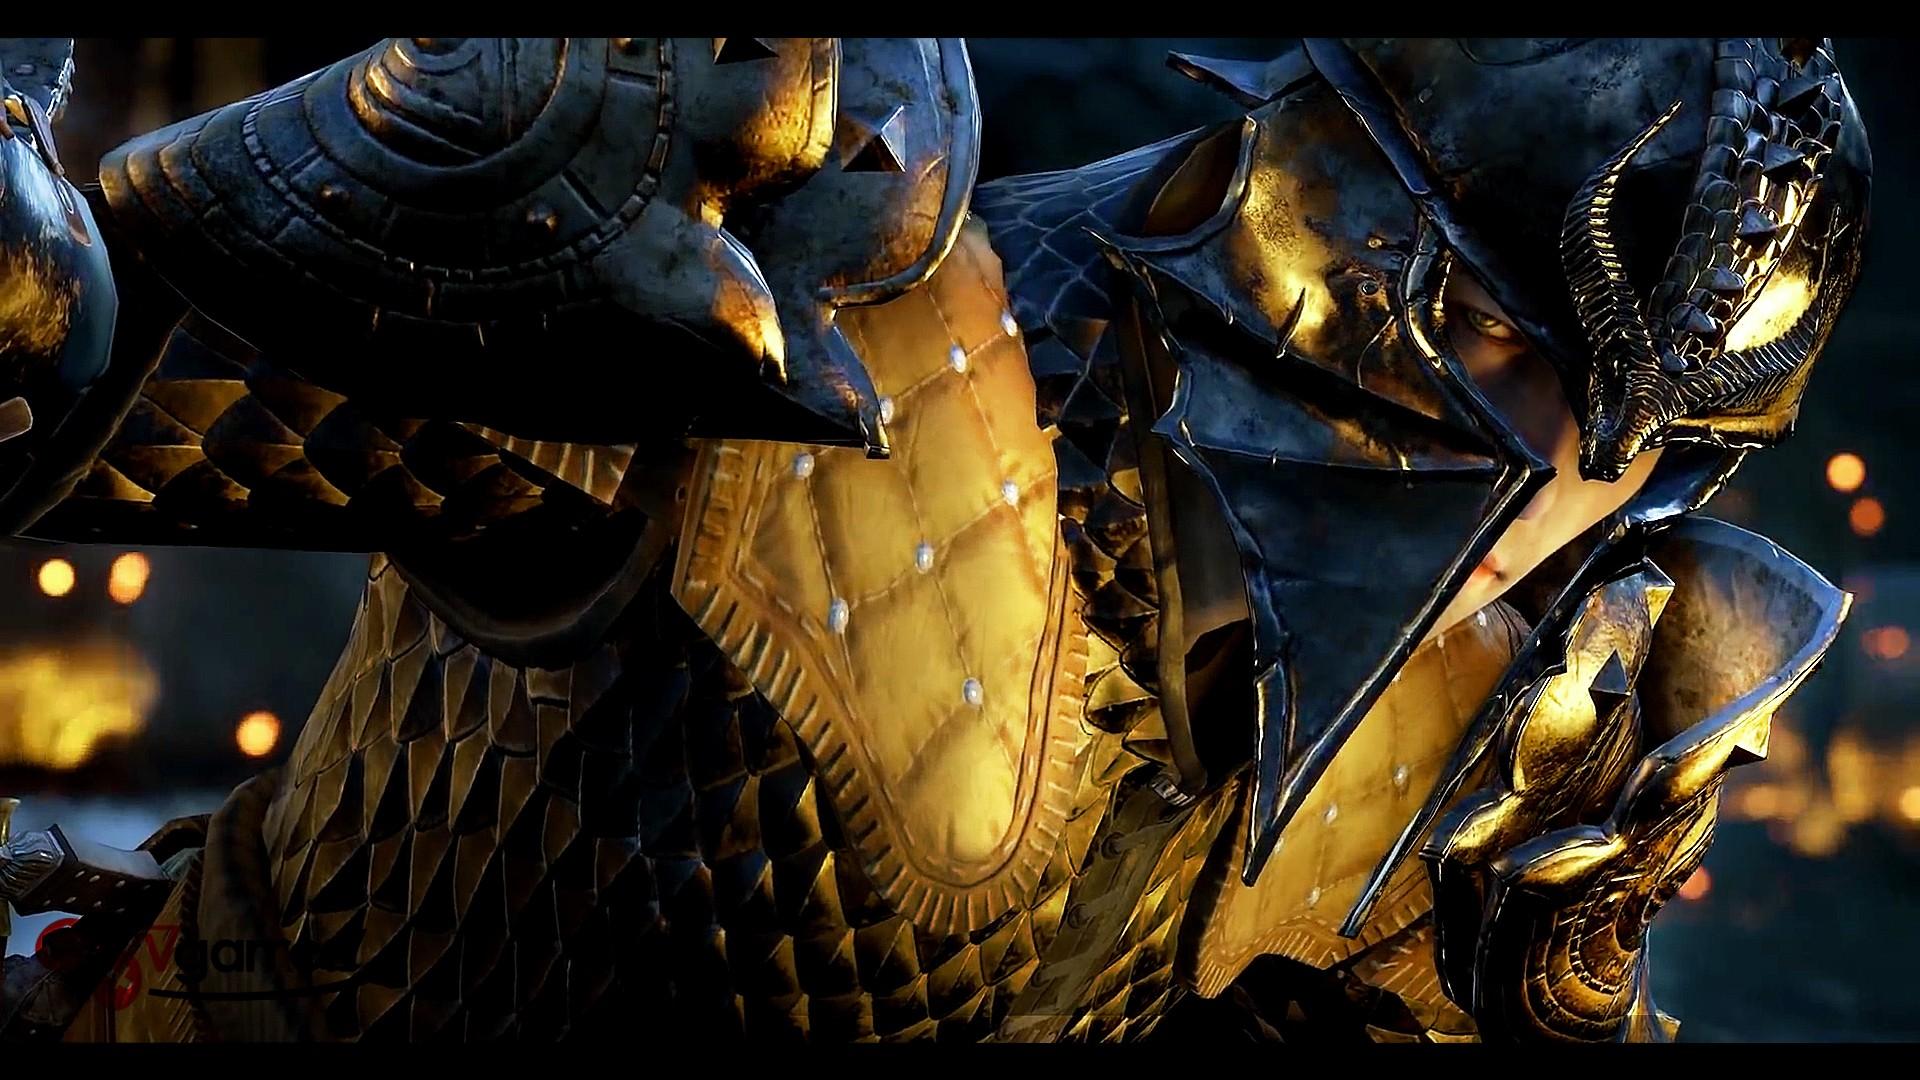 Wallpaper 1920x1080 Px Dragon Age Dragon Age Inquisition